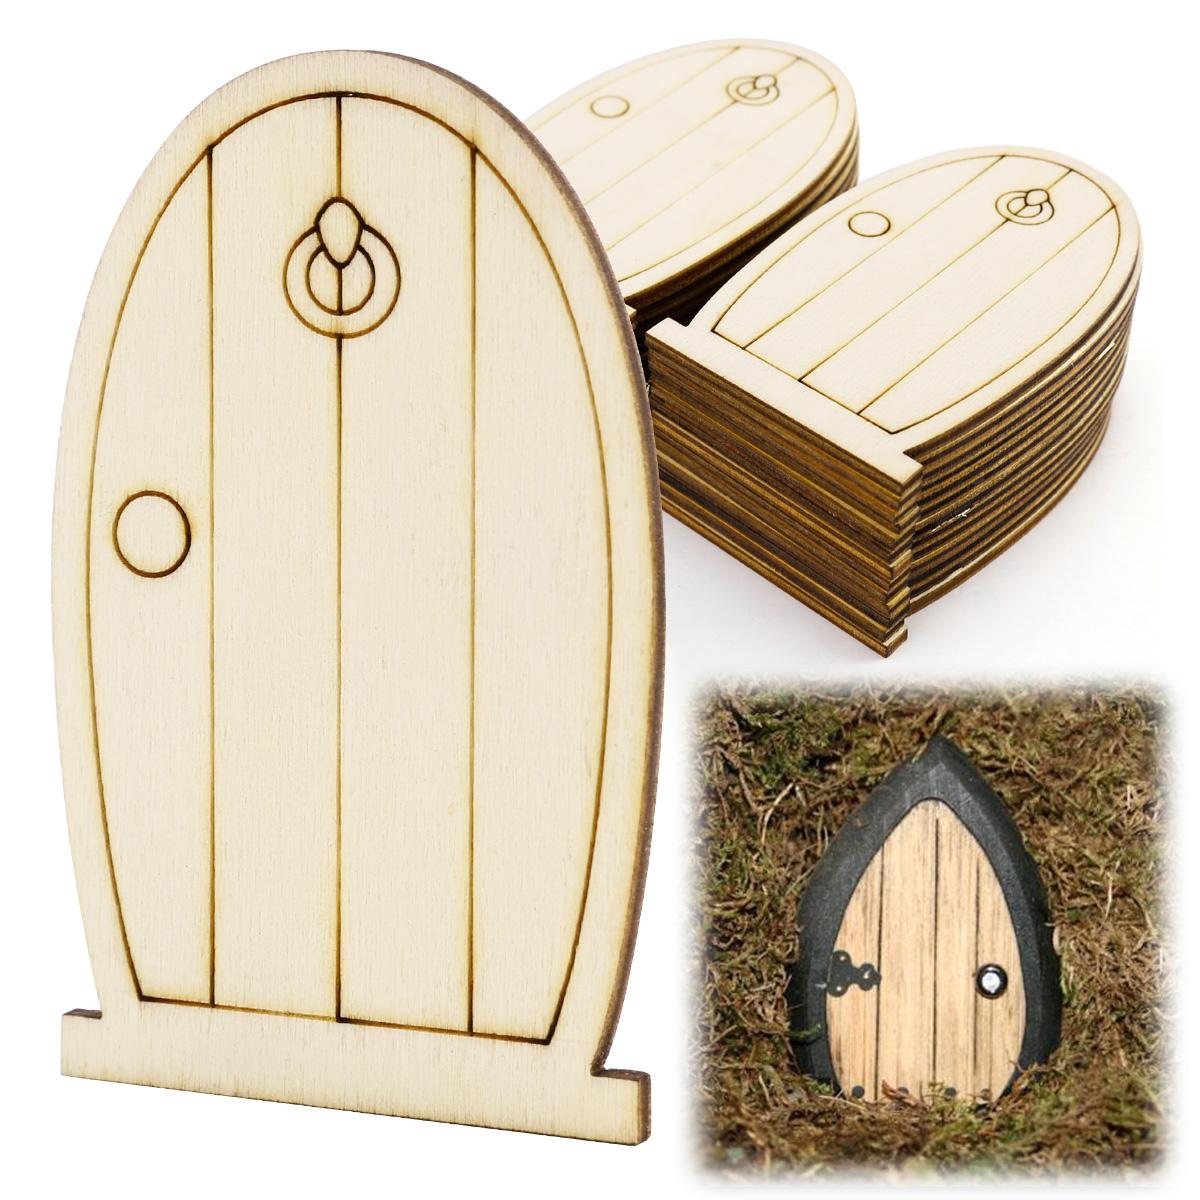 25x laser cut wooden fairy elf doors unpainted with plaque for Wooden fairy doors that open